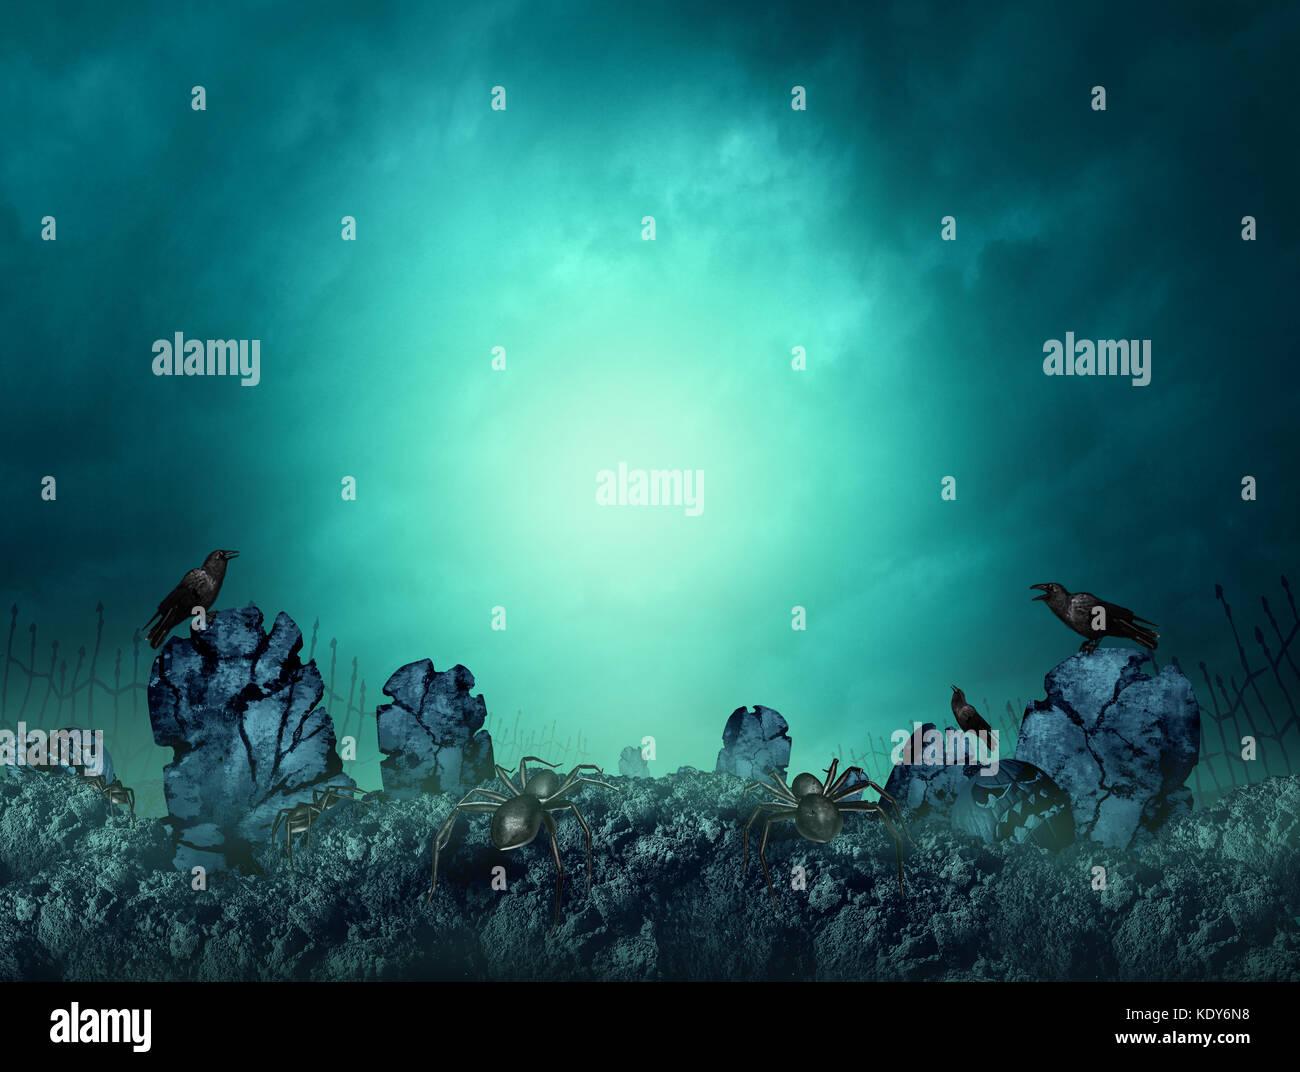 Spooky cementerio oscuro y sombrío cementerio como creepy haunted entierro graves antecedentes en la noche Imagen De Stock